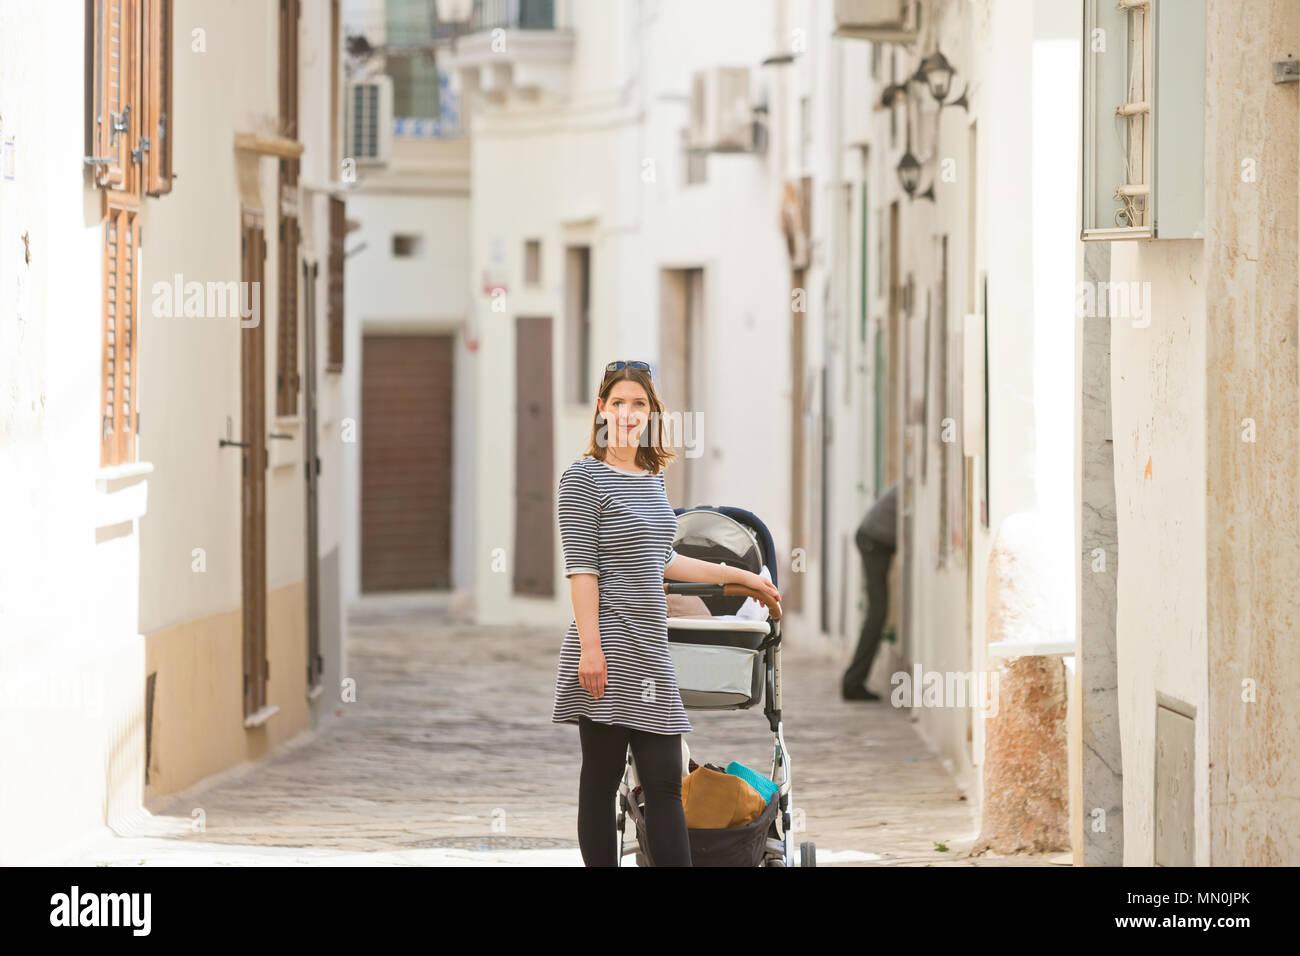 Gallipoli, Apulien, Italien - eine Frau mit einem Kinderwagen in einem mittleren Alter Gasse Stockfoto